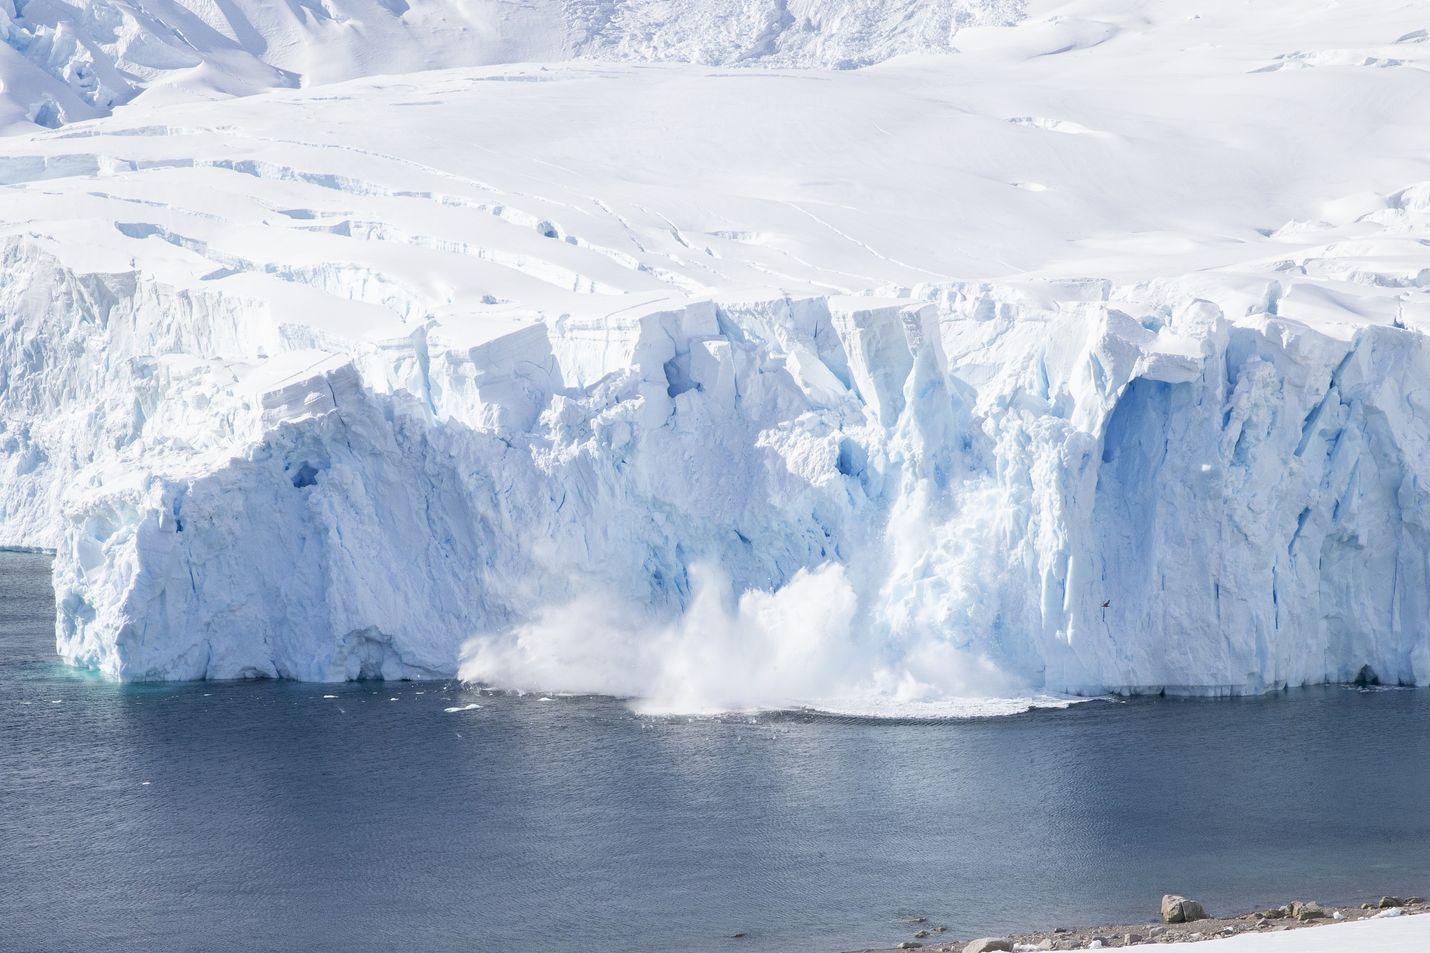 Kirjoittaja on todella huolissaan muun muassa jäävuorten sulamisesta. Kuvassa jäävuoria Antarktiksen niemimaalla Etelämantereella.